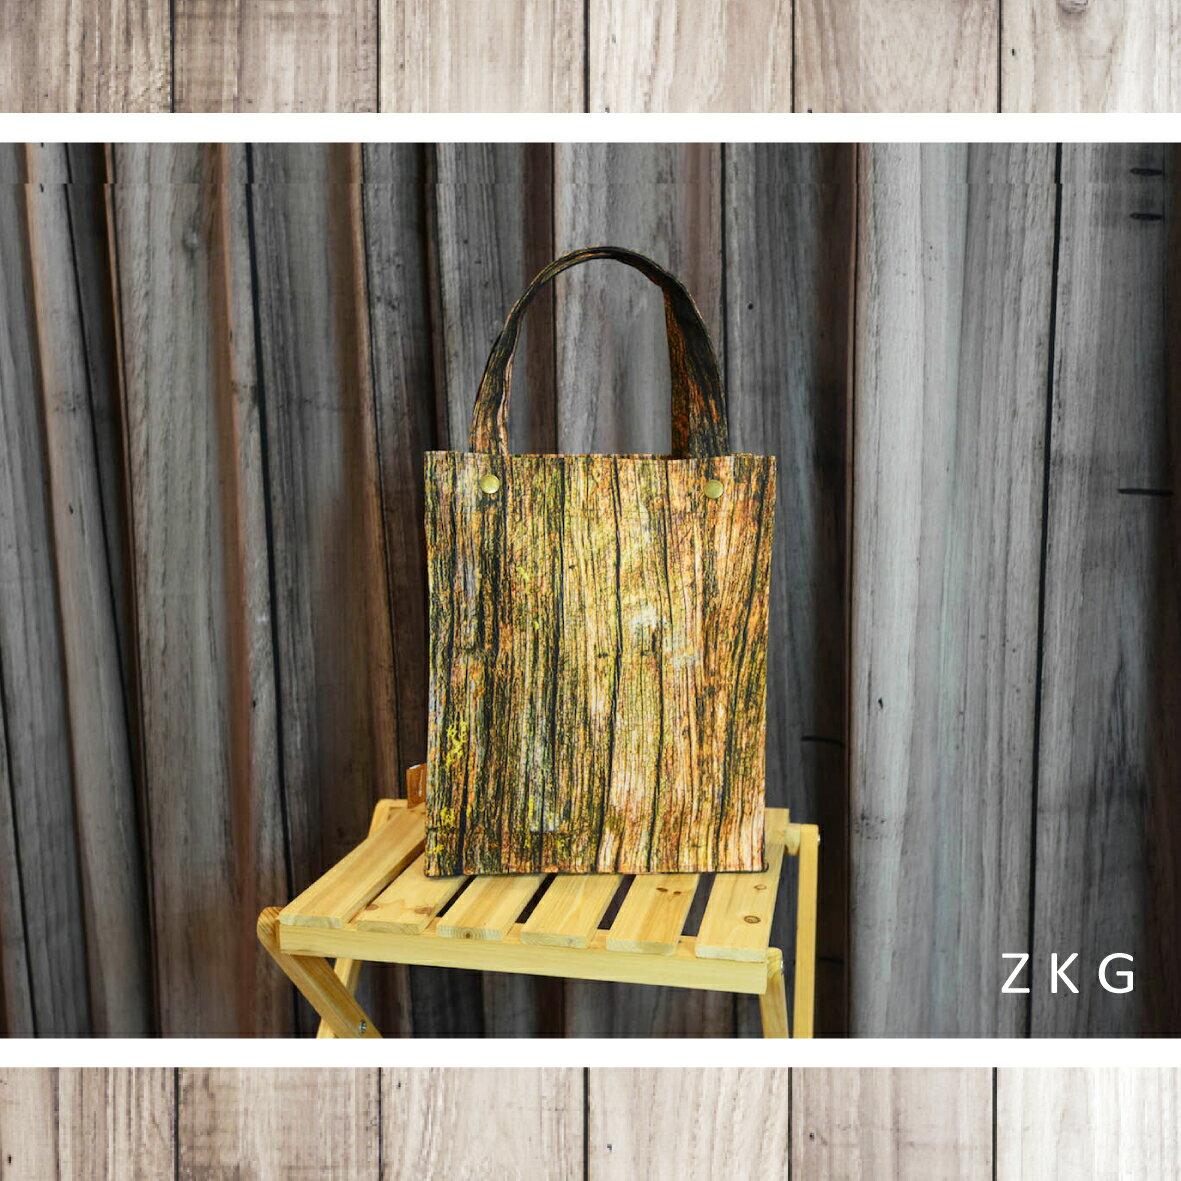 <br/><br/>  ZKG  木系列-4方形直式提袋-單個入  台灣(手工製)*送禮*自用*<br/><br/>